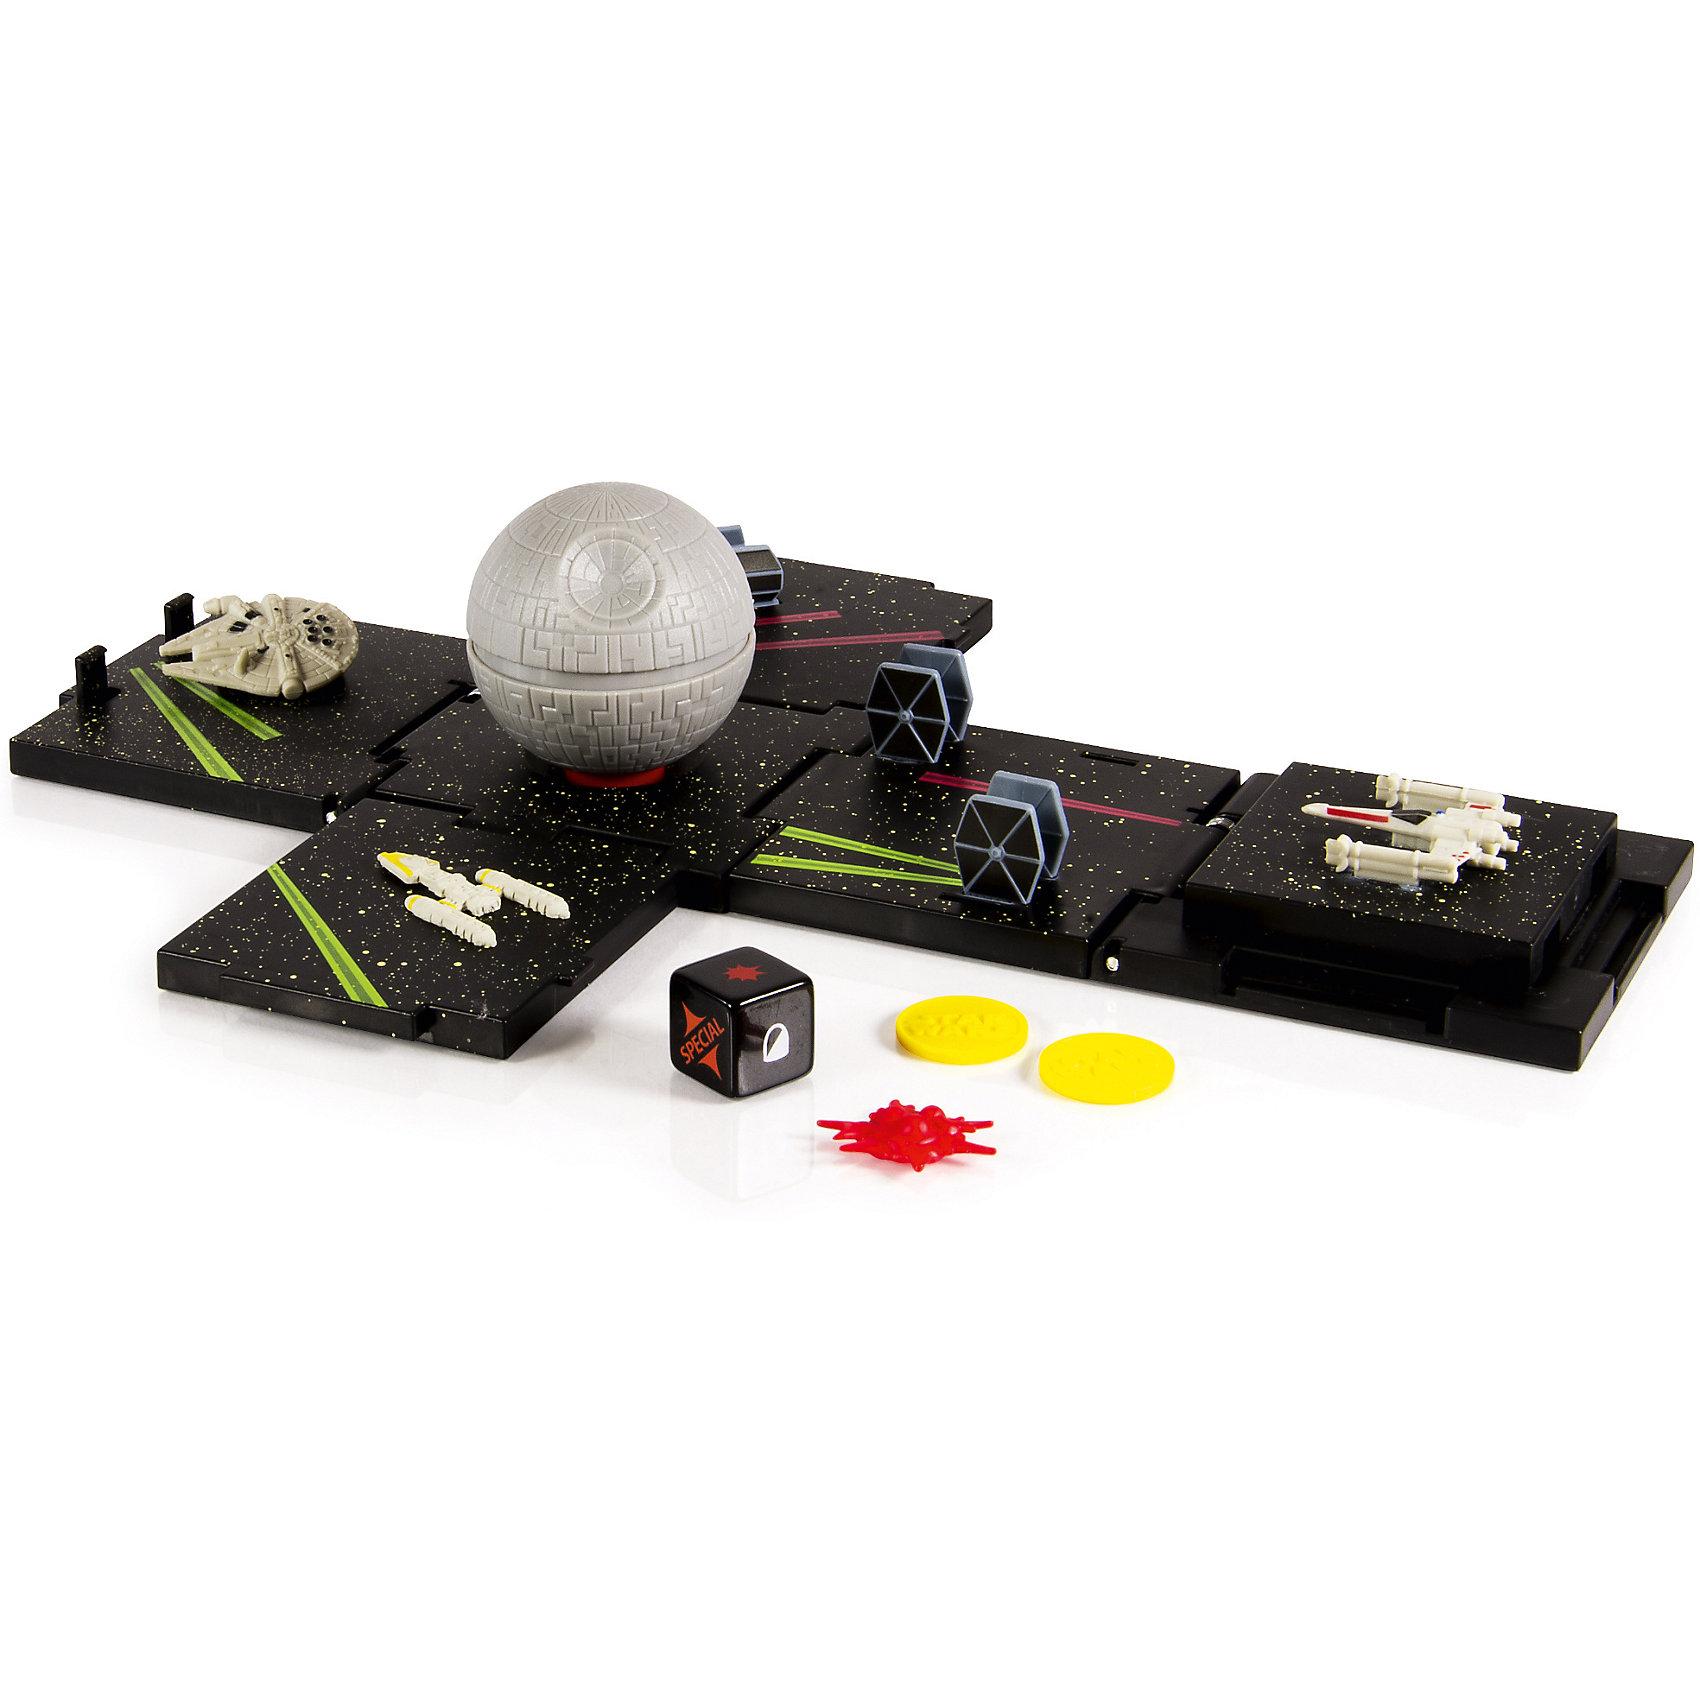 Боевые кубики Звезда смерти, Звездные войны, SpinmasterКоллекционные и игровые фигурки<br>Боевые кубики Звезда смерти, Звездные войны, Spinmaster (Спинмастер) – это уникальная стратегическая игра, с которой можно погрузиться в мир Звездных войн и стать повелителем галактики! В собранном виде боевой кубик Звезда смерти представляет собой куб с длиной ребра 7 сантиметров, но если его разложить он превратится в игровое поле с миниатюрами космических кораблей по мотивам Звездных Войн. Выбери нужную цель и смело бросай игровые кости, чтобы устроить полное поражение своему противнику! <br><br>Комплектация: карта для игры, игровые кости, миниатюрные космические корабли, макет Звезды смерти<br><br>-Дополнительная информация:<br>-Материалы: пластик, картон, бумага<br>-Размер в собранном виде: 7 см, в разобранном виде: 28х19 см<br><br>С этой стратегической игрой можно воспроизвести самые любимые сцены из киноленты!<br><br>Боевые кубики Звезда смерти, Звездные войны, Spinmaster (Спинмастер) можно купить в нашем магазине.<br><br>Ширина мм: 60<br>Глубина мм: 300<br>Высота мм: 290<br>Вес г: 650<br>Возраст от месяцев: 72<br>Возраст до месяцев: 144<br>Пол: Мужской<br>Возраст: Детский<br>SKU: 4196418